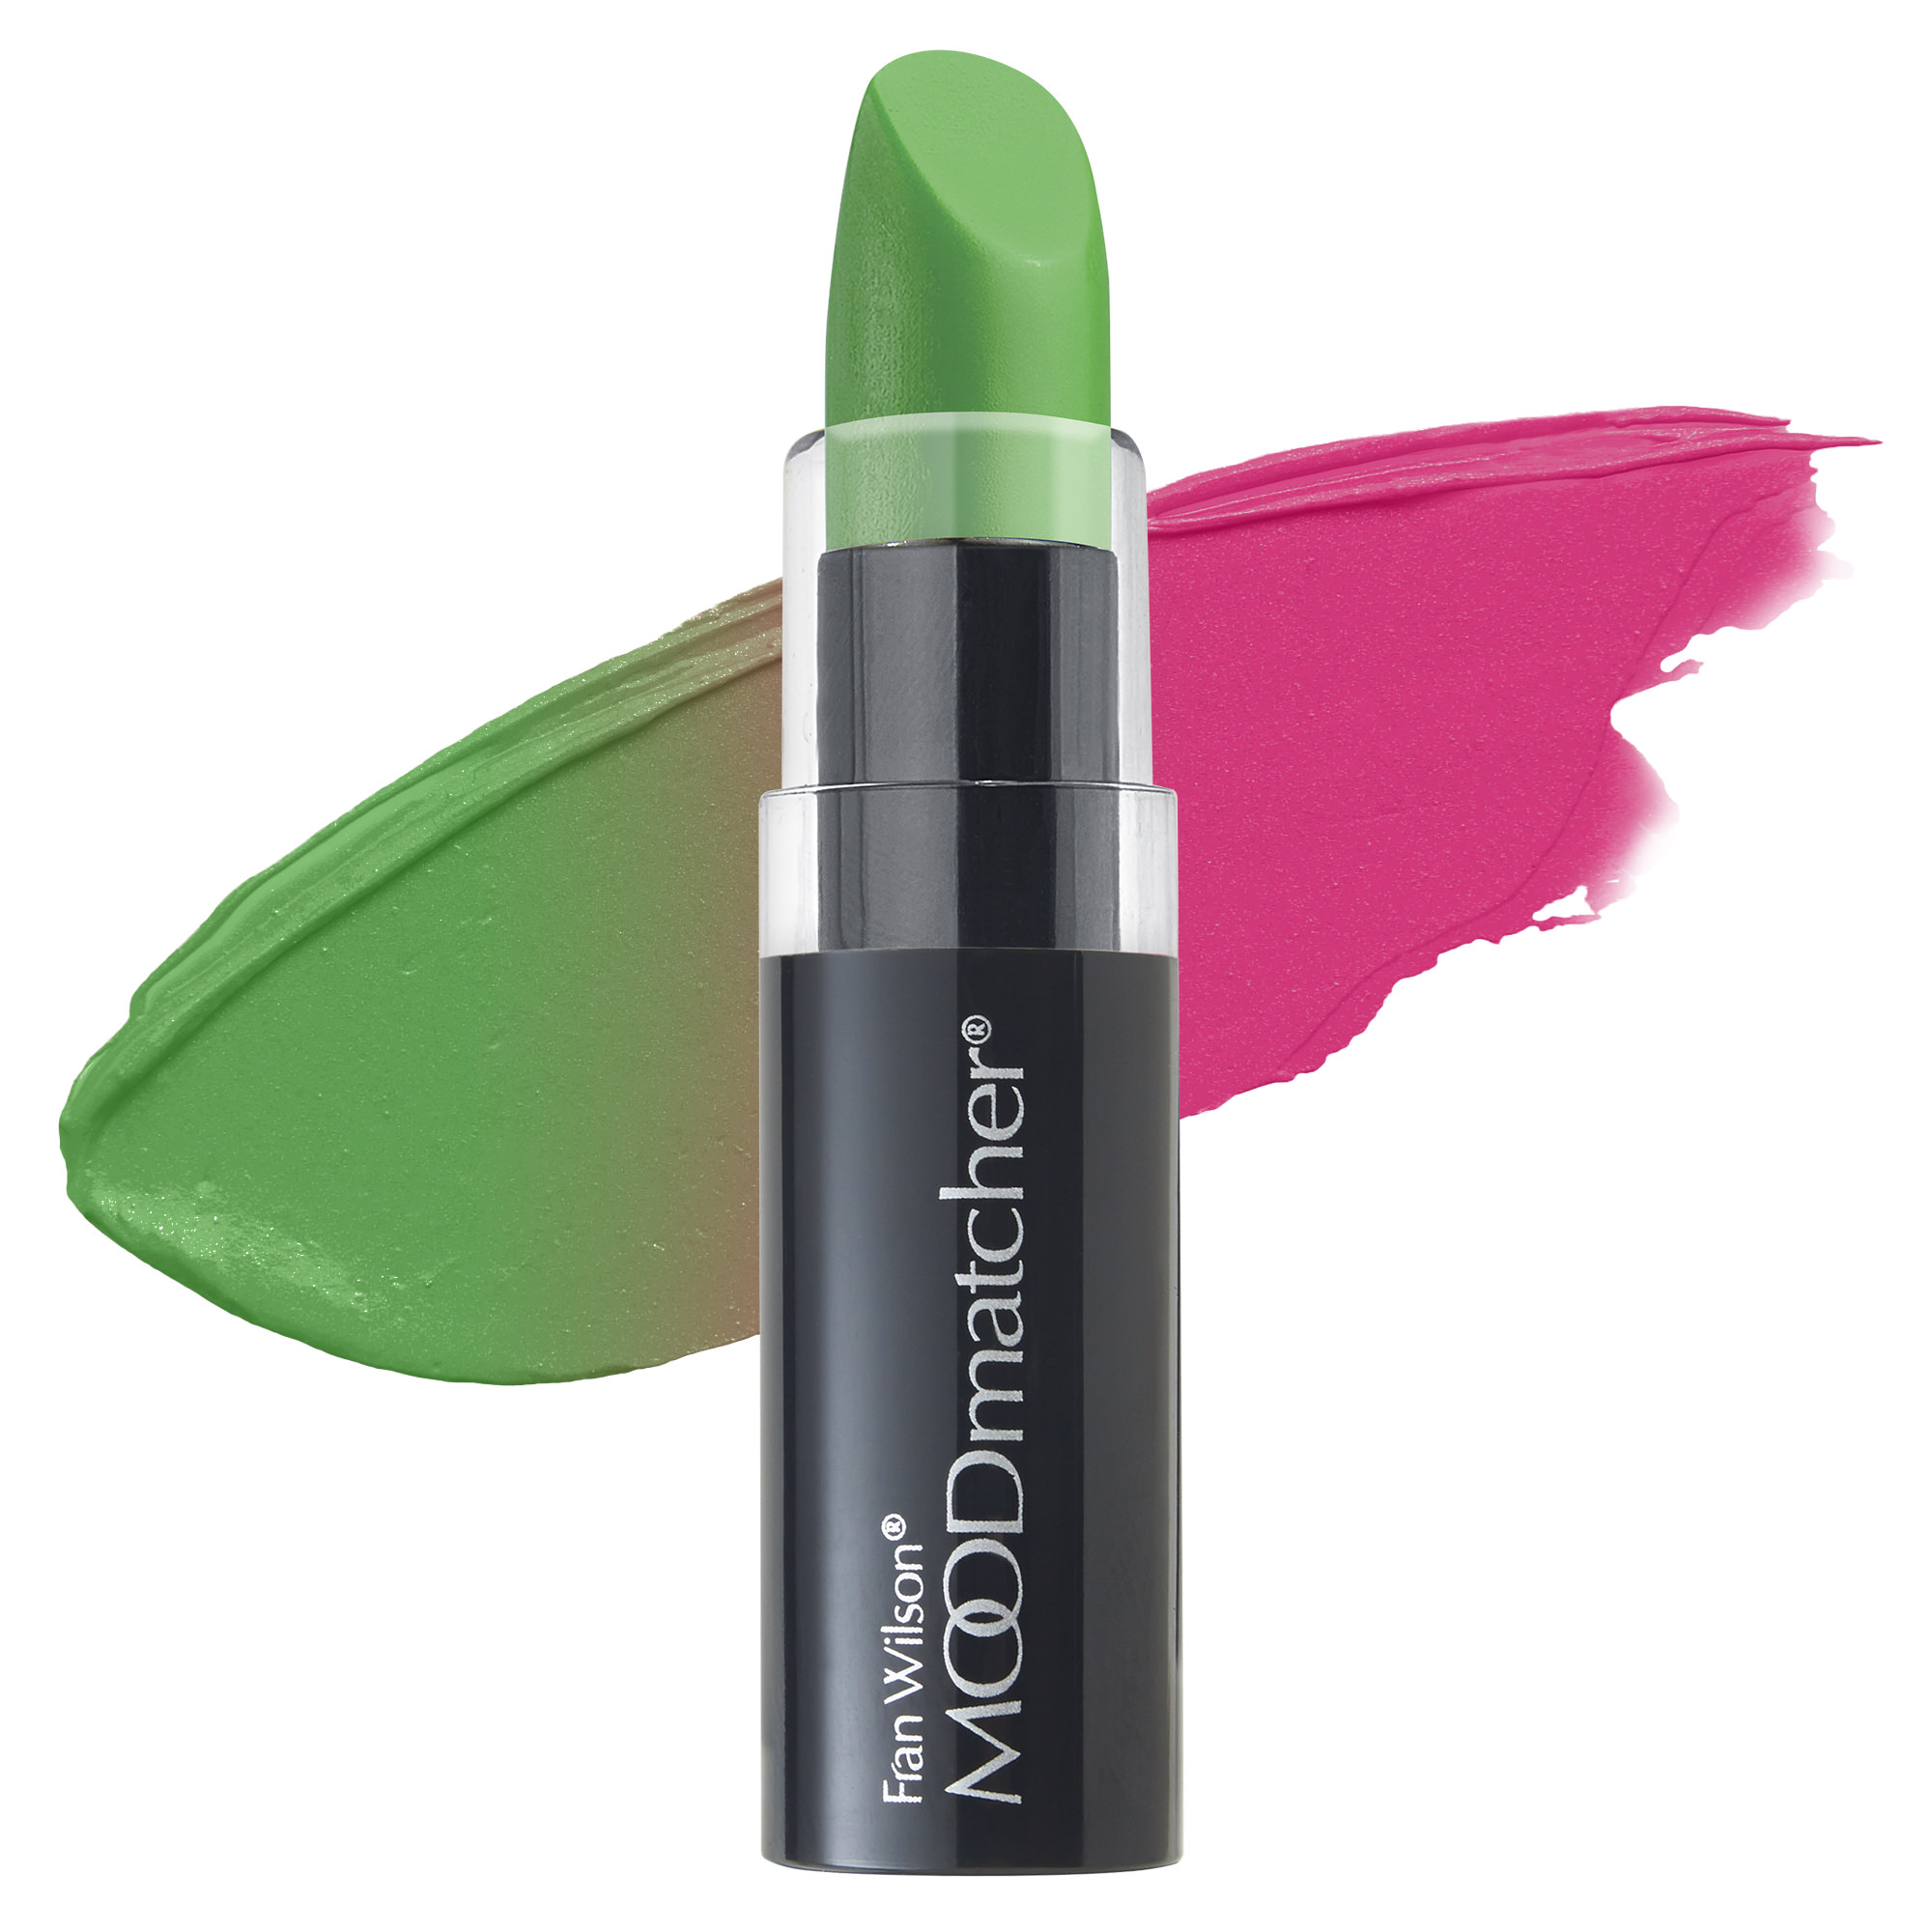 MOODmatcher Lipstick, Orange